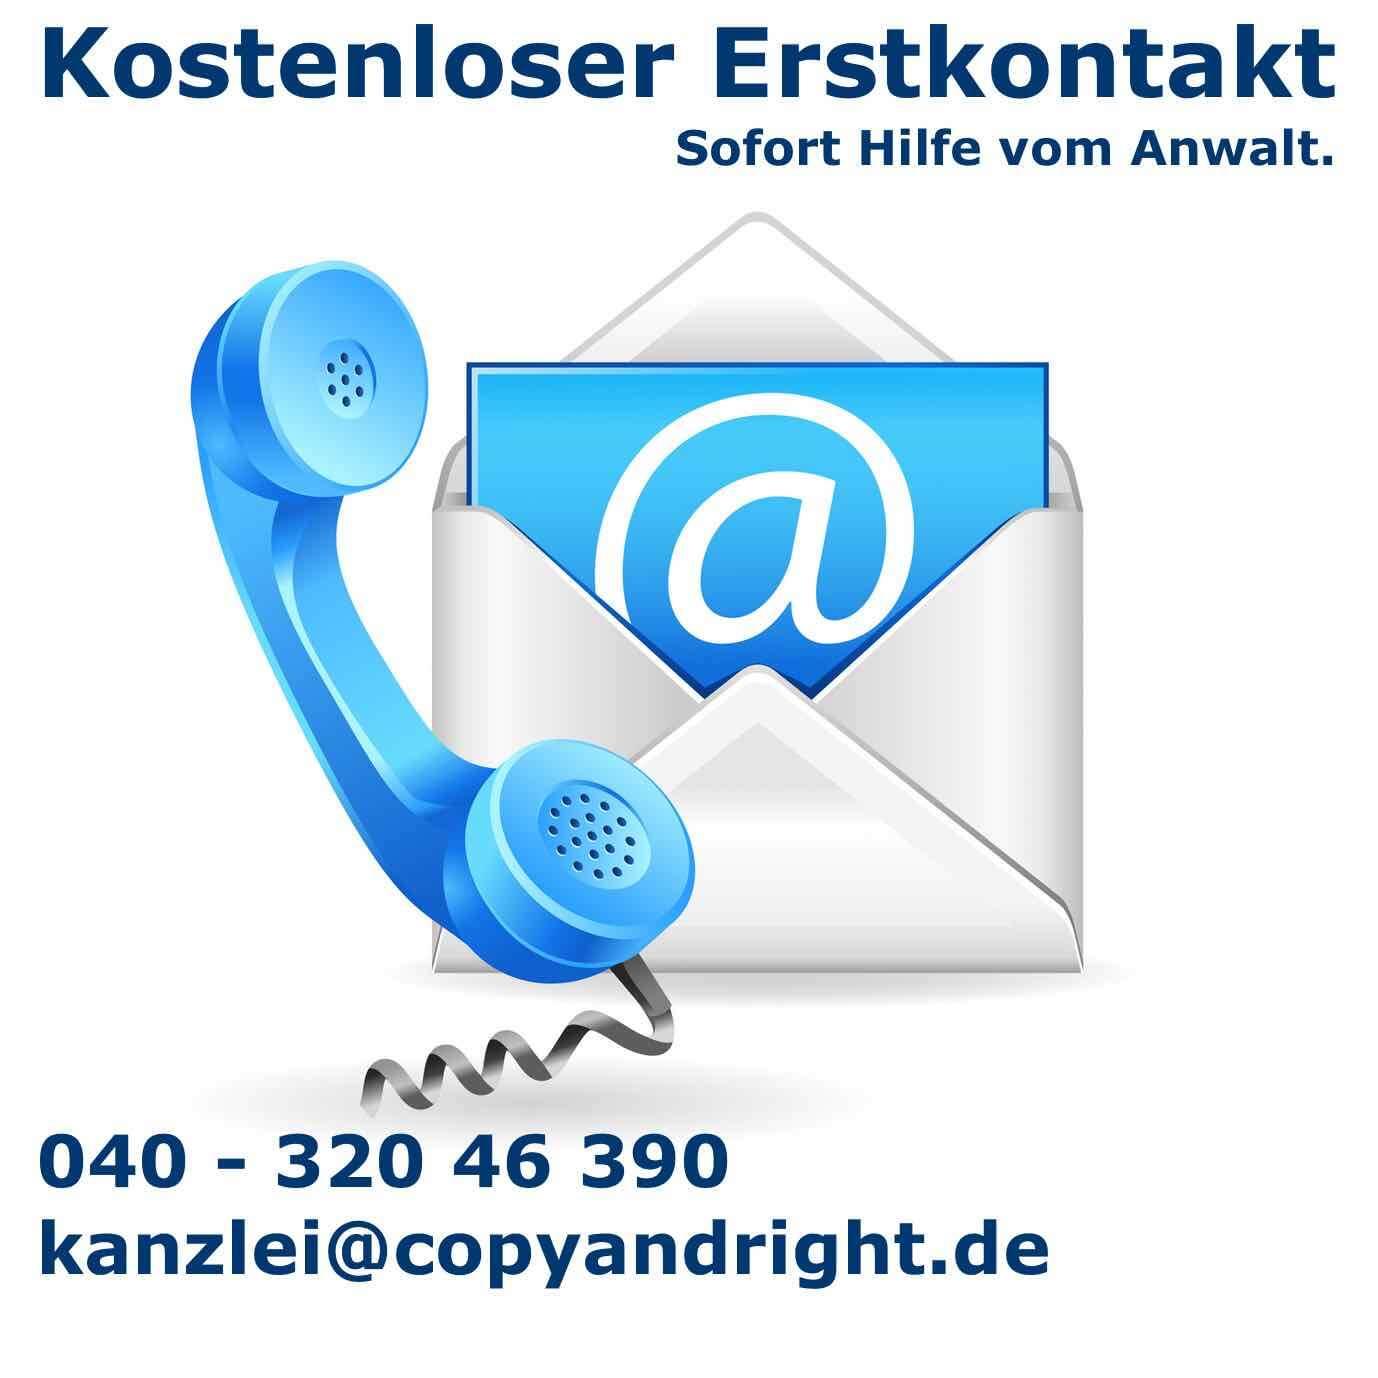 Kostenloser Erstkontakt Kanzlei - copy and right - Hamburg